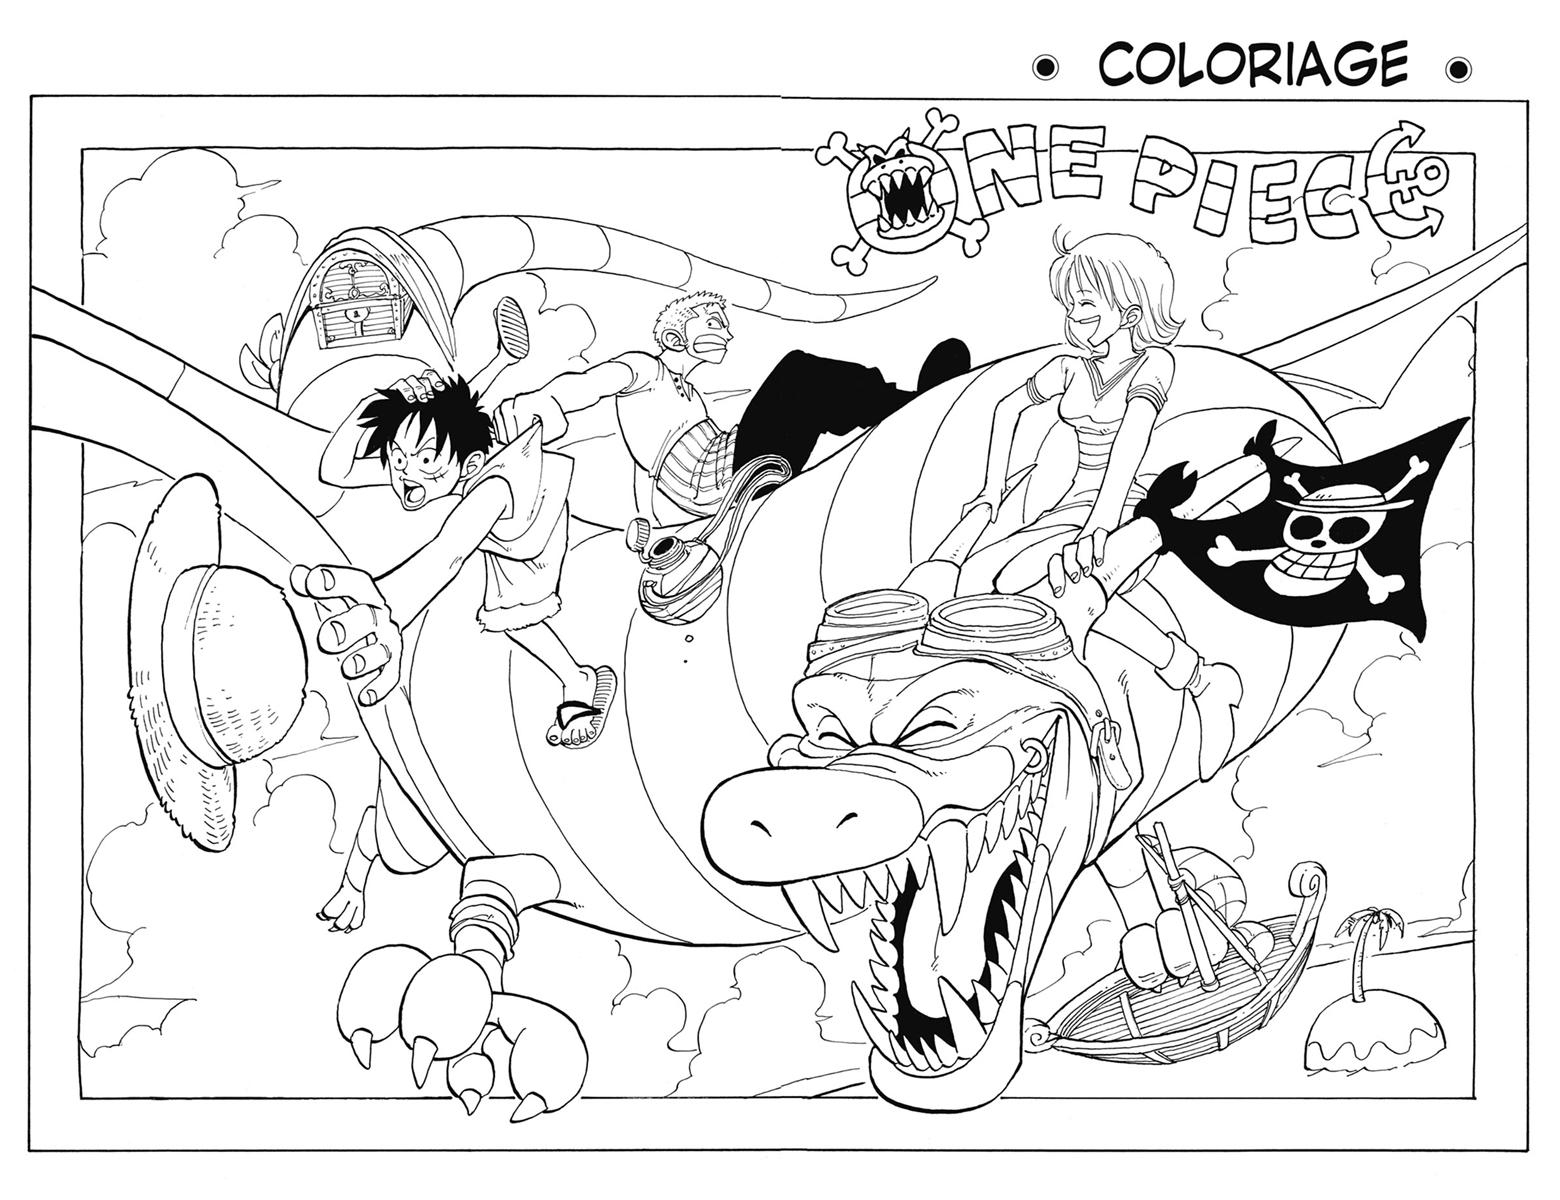 15 One Piece 2 Ans Plus Tard Coloriage Imprimer Et Obtenir